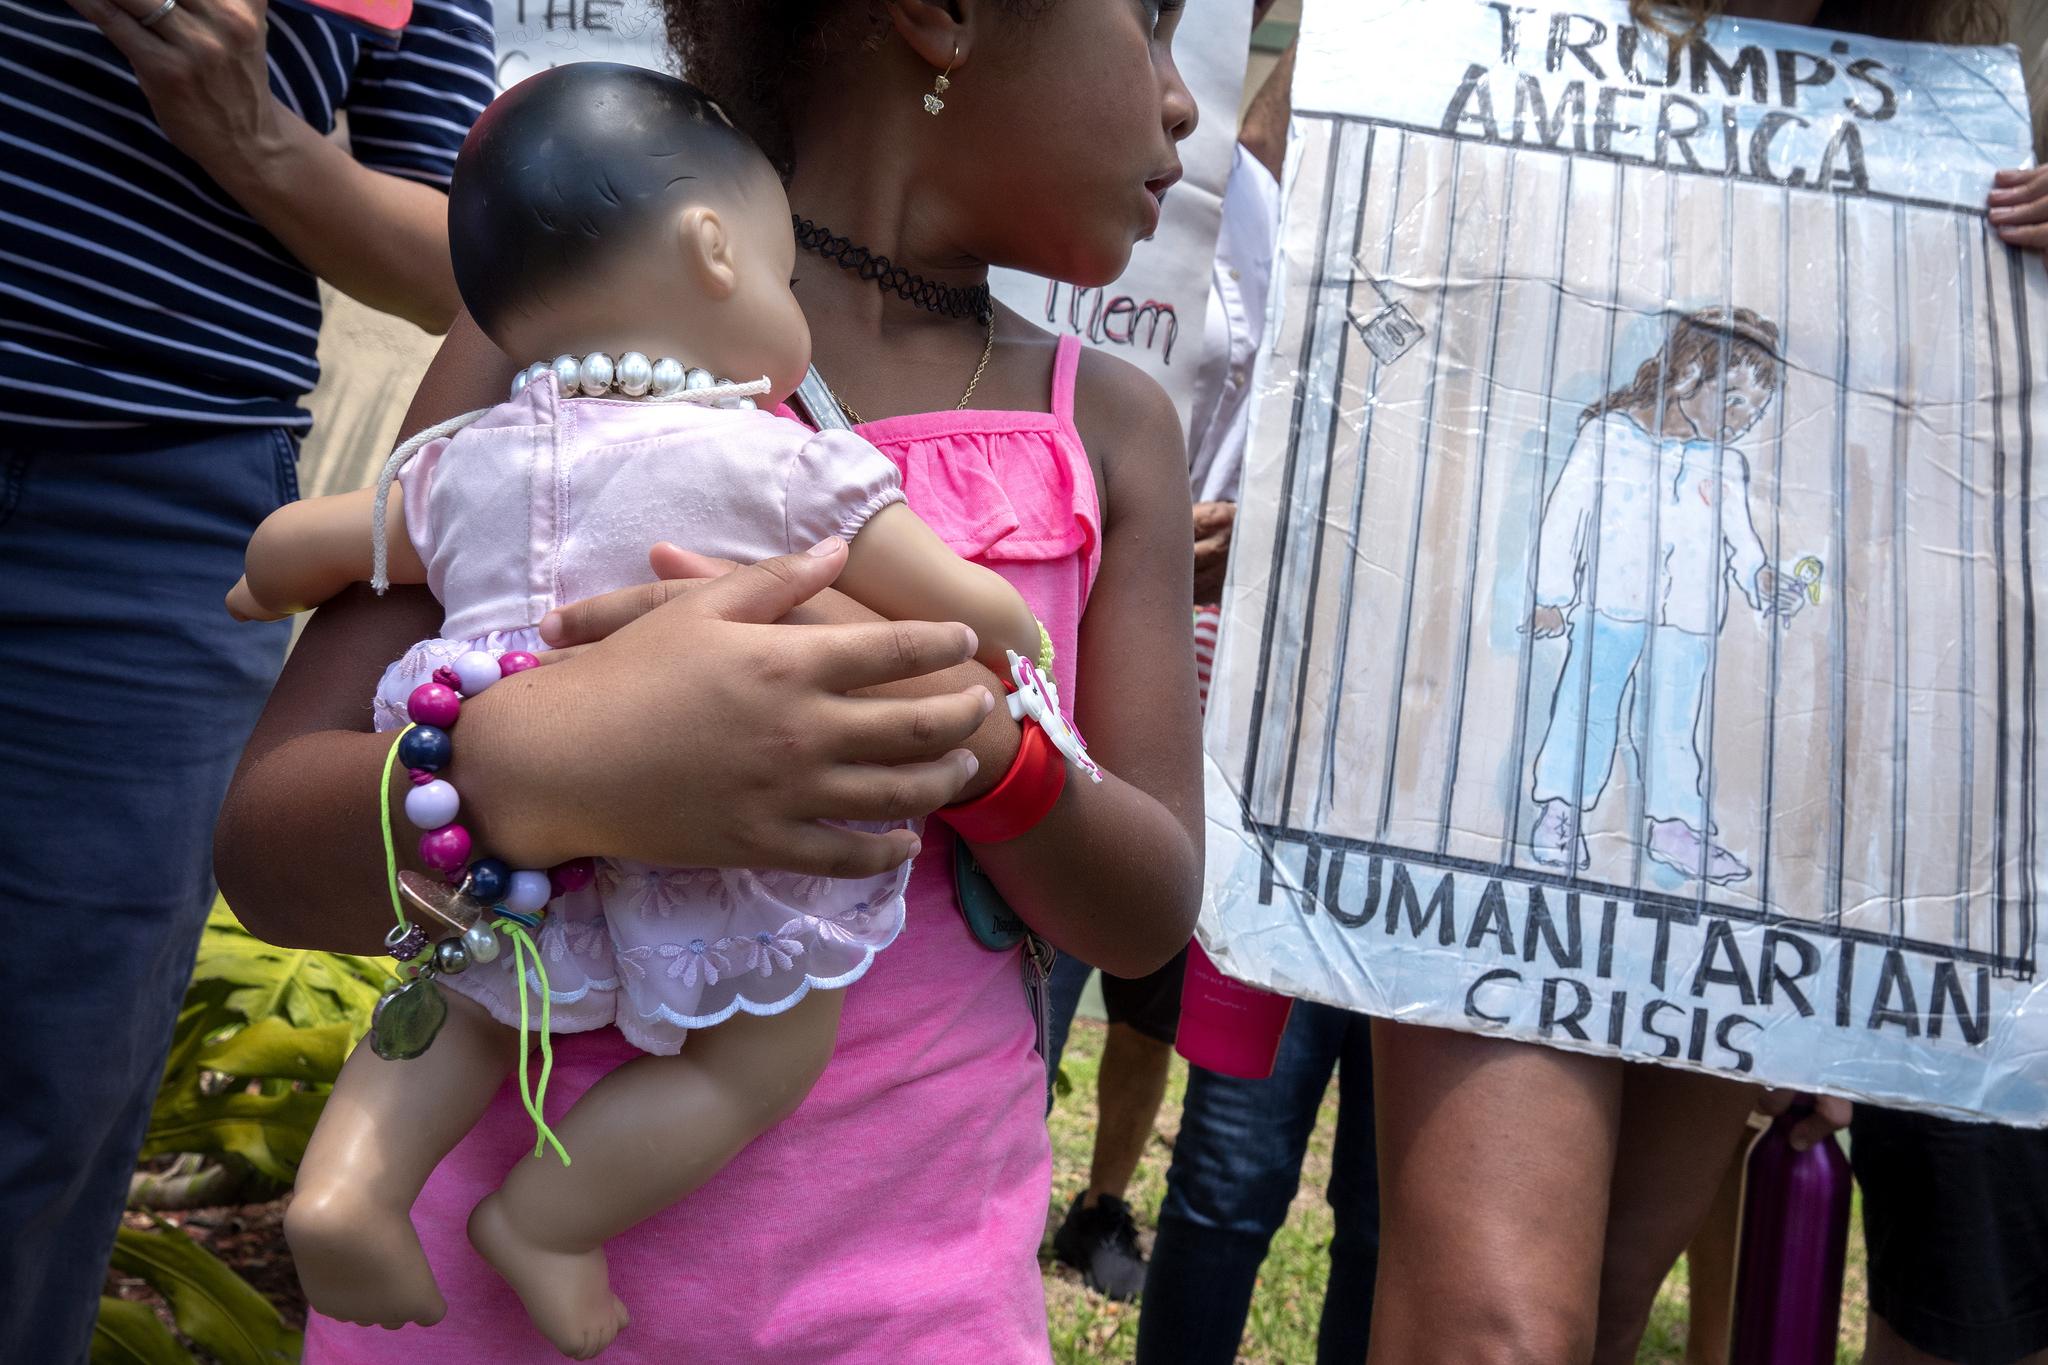 2일(현지시간) 미국 플로리다 주 마이애미에서 열린 미국 내 이민자 구금시설의 폐쇄를 주장하는 시위에서 한 소녀가 아기 인형을 들고 있다. 그의 우측편으로 구금시설에 수용된 이민자들의 모습을 그린 그림이 보인다. [로이터=연합뉴스]